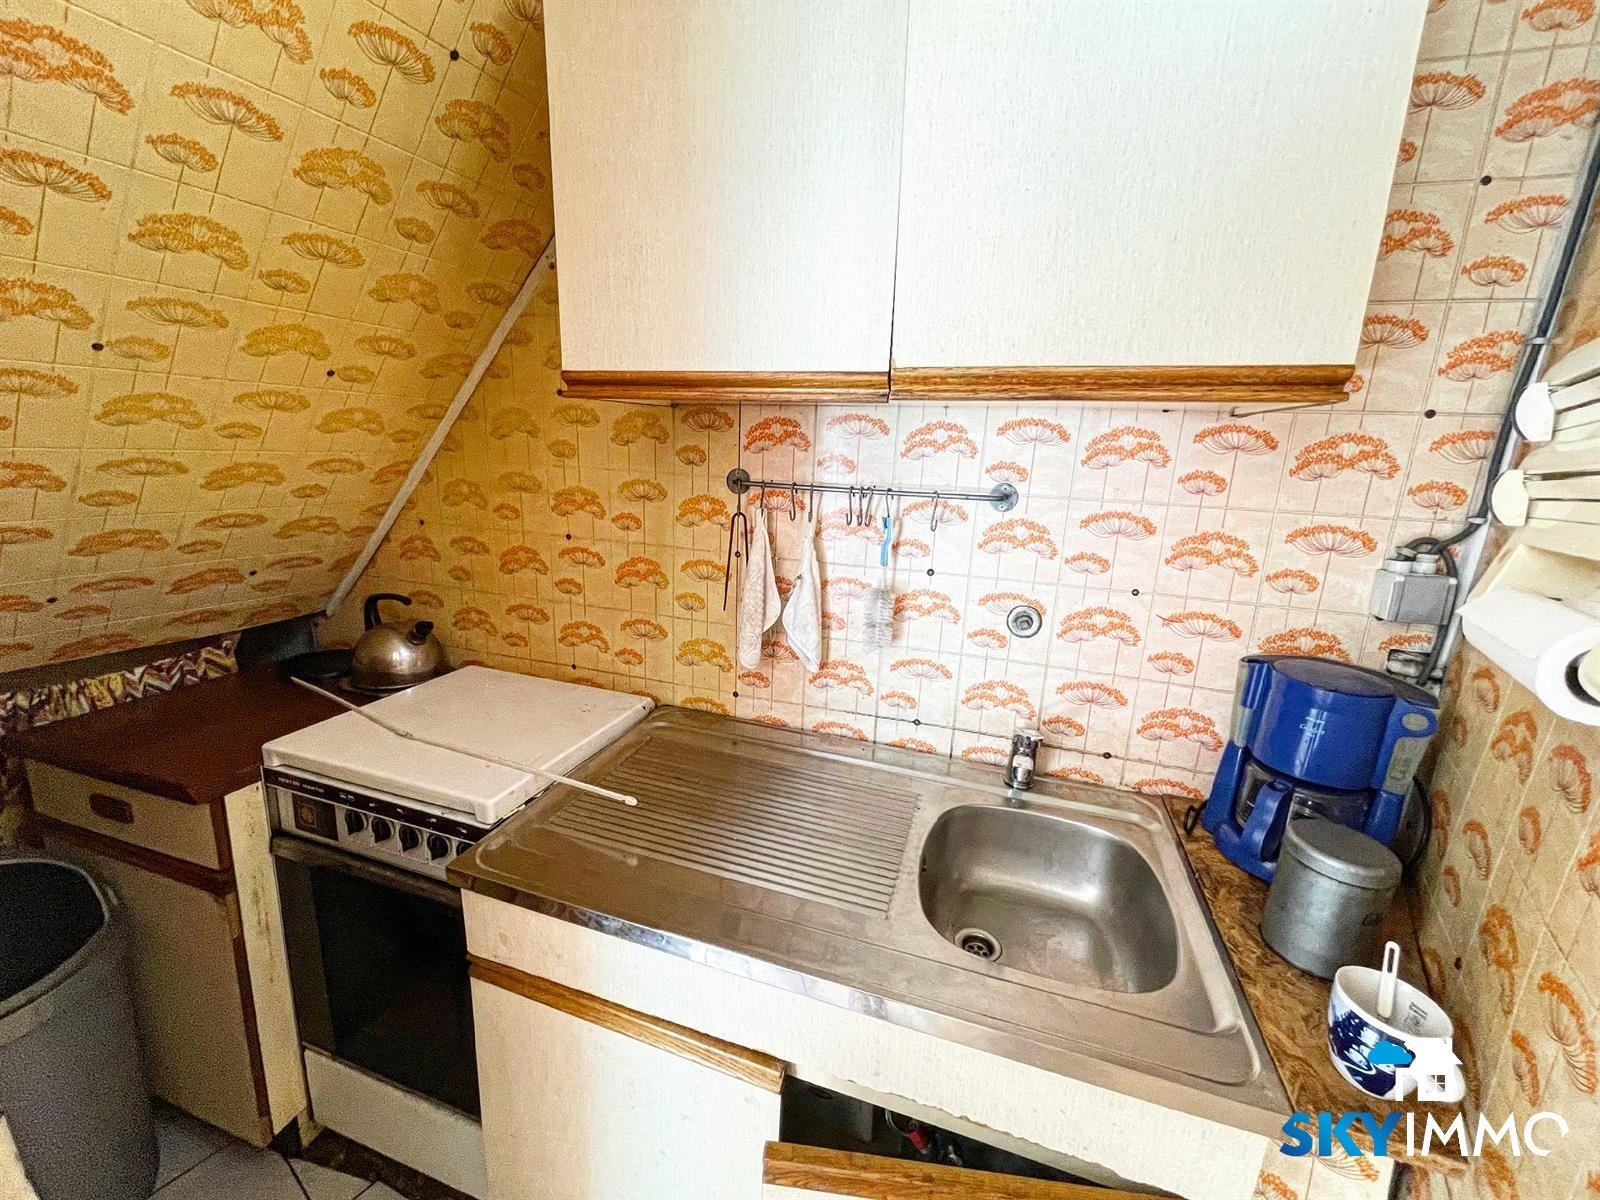 Maison - Seraing - #4381541-4